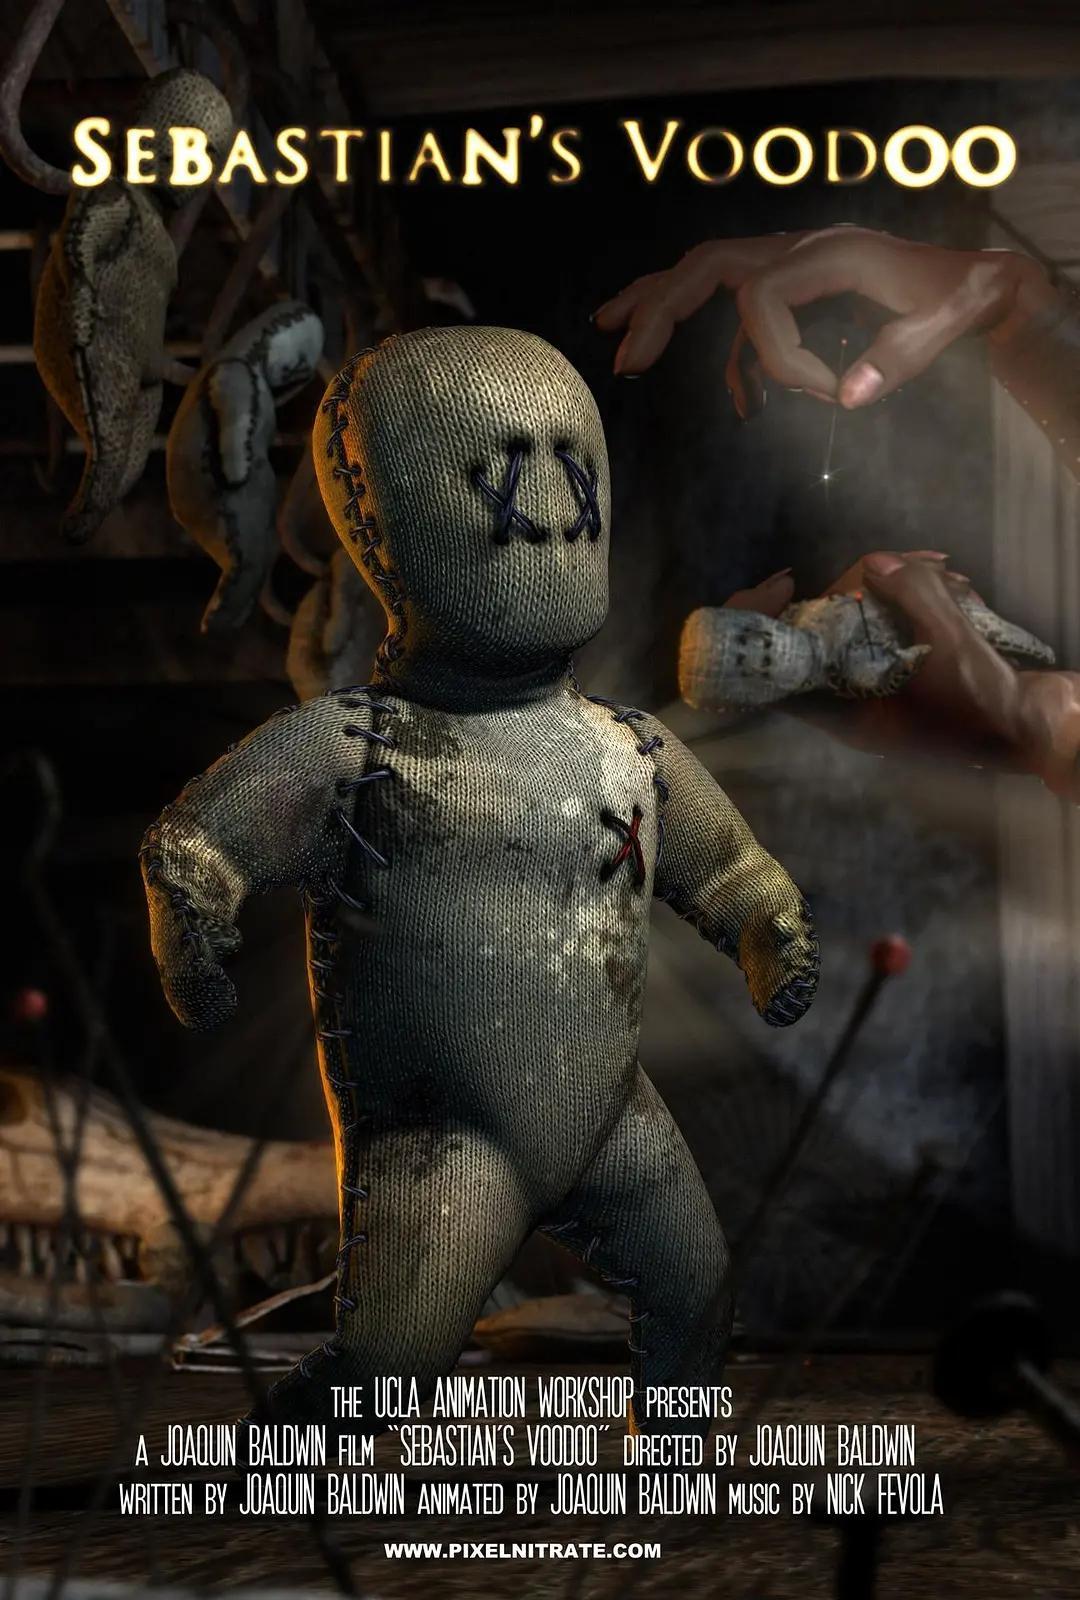 国际获大奖动画作品《塞巴斯蒂安的巫毒》